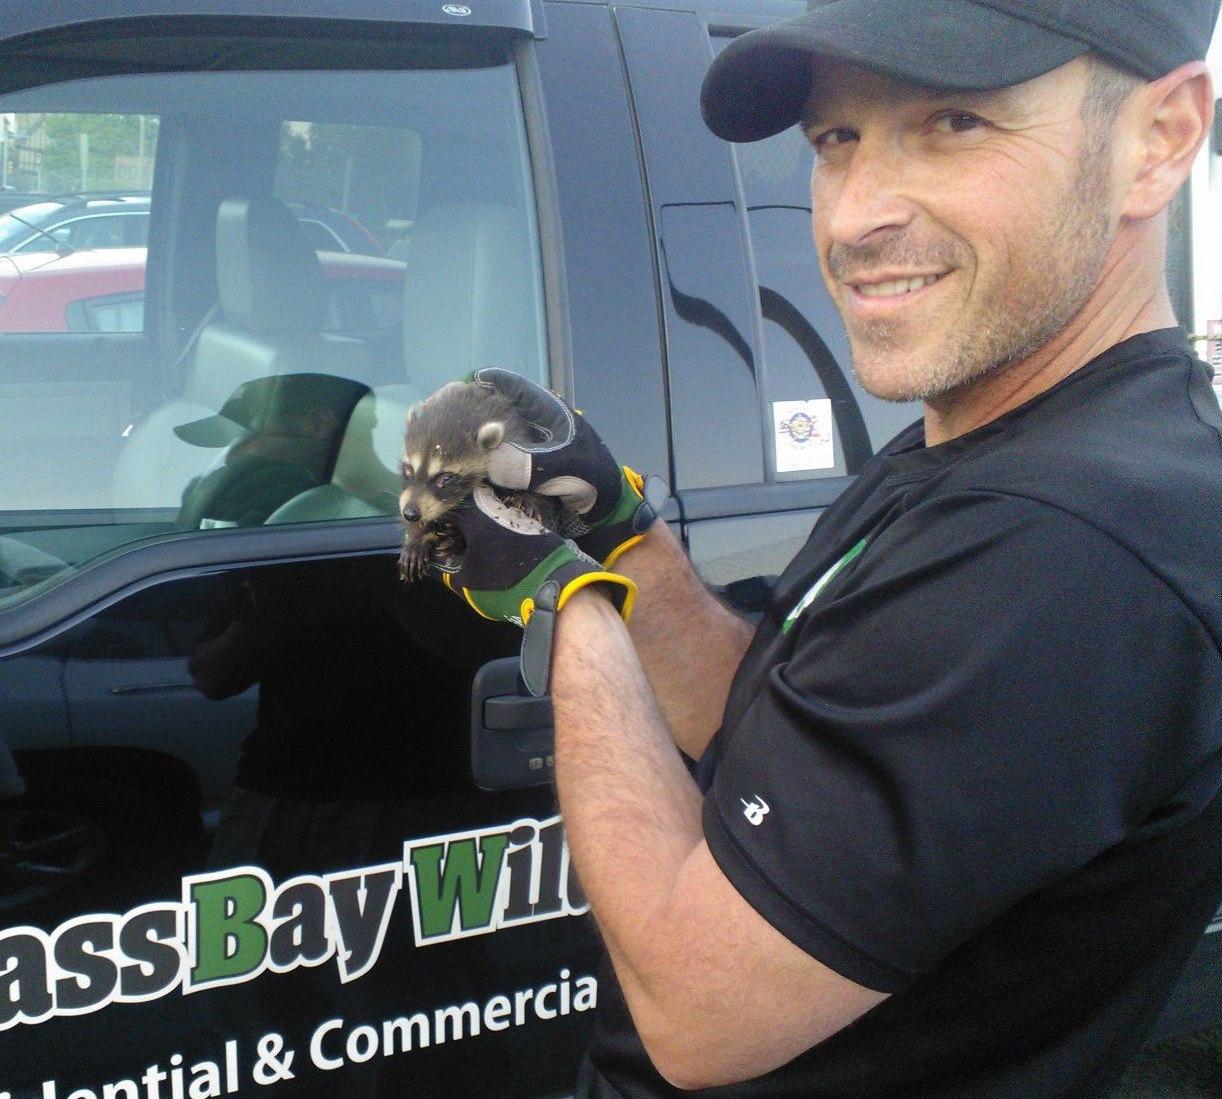 Mass Bay Wildlife Management Inc image 5